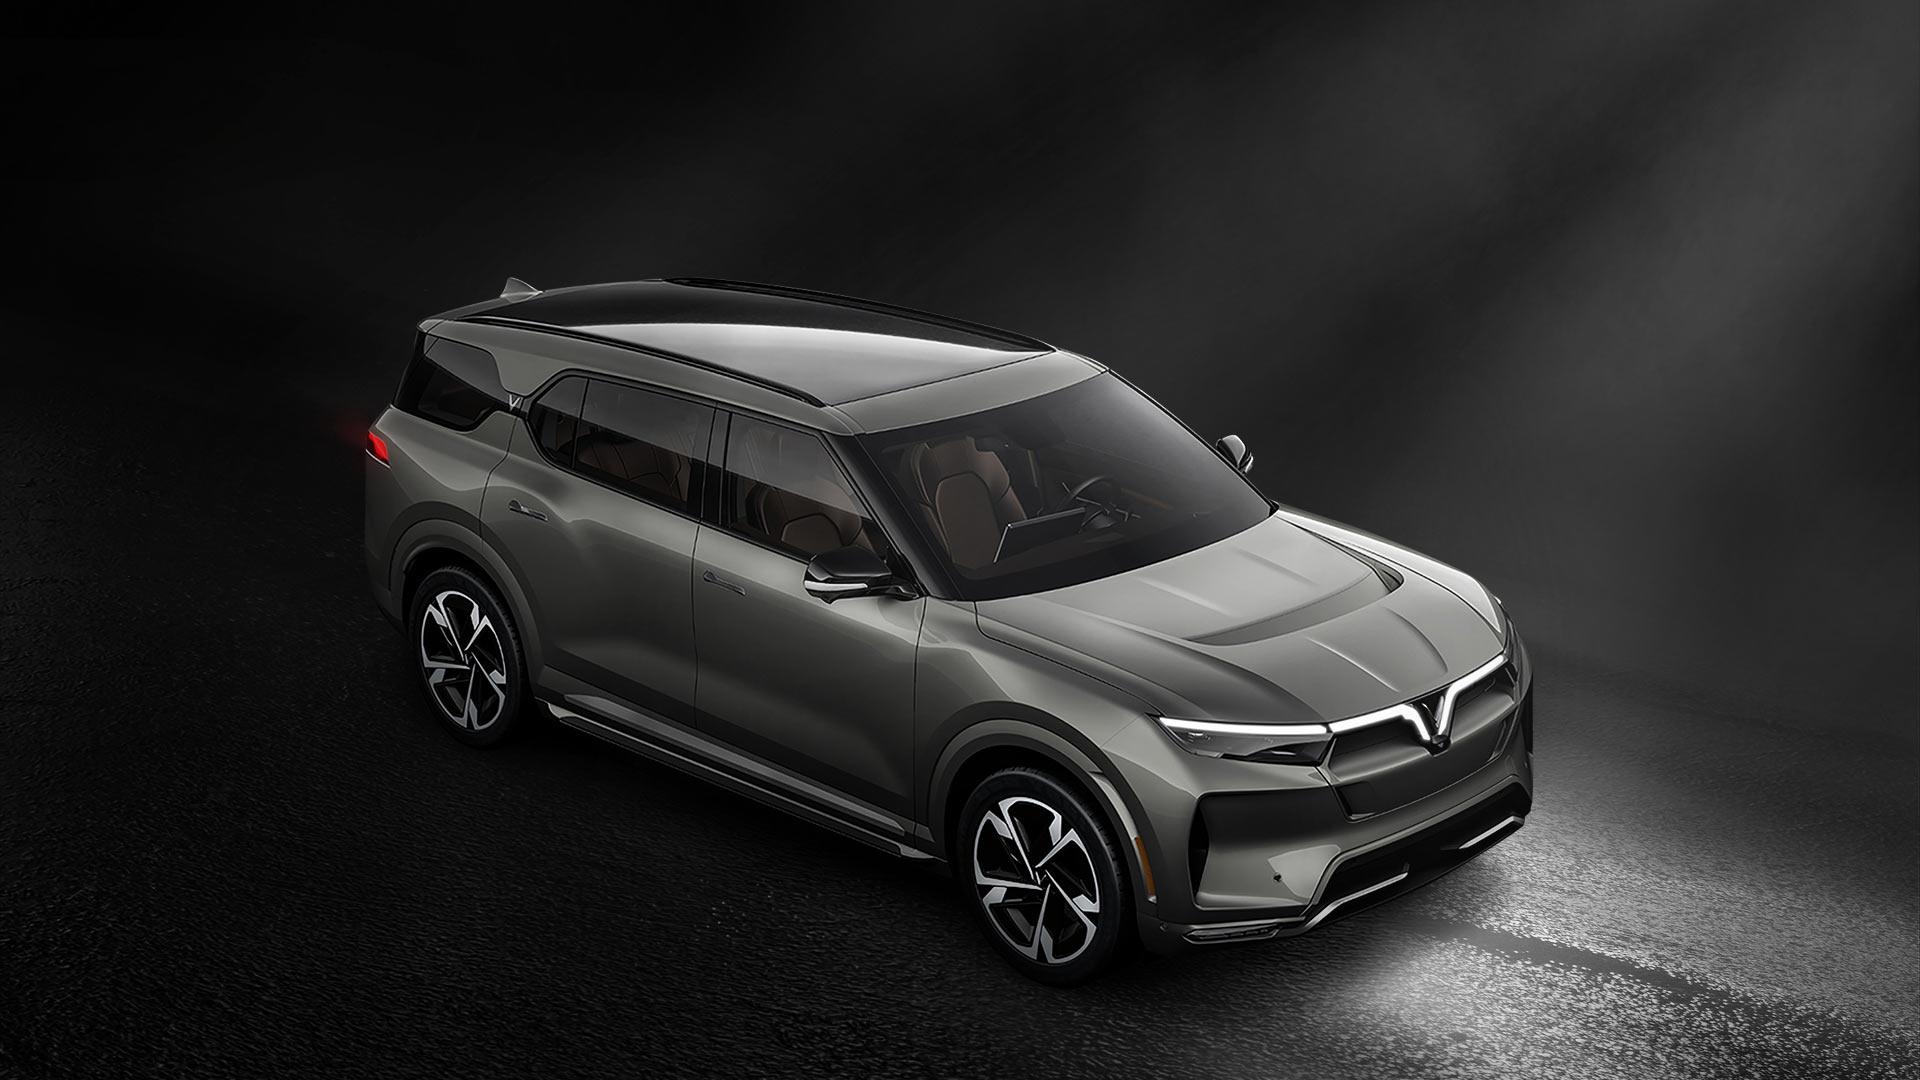 VinFast công bố 3 dòng xe SUV điện tự lái thông minh vf33-frontview.jpg